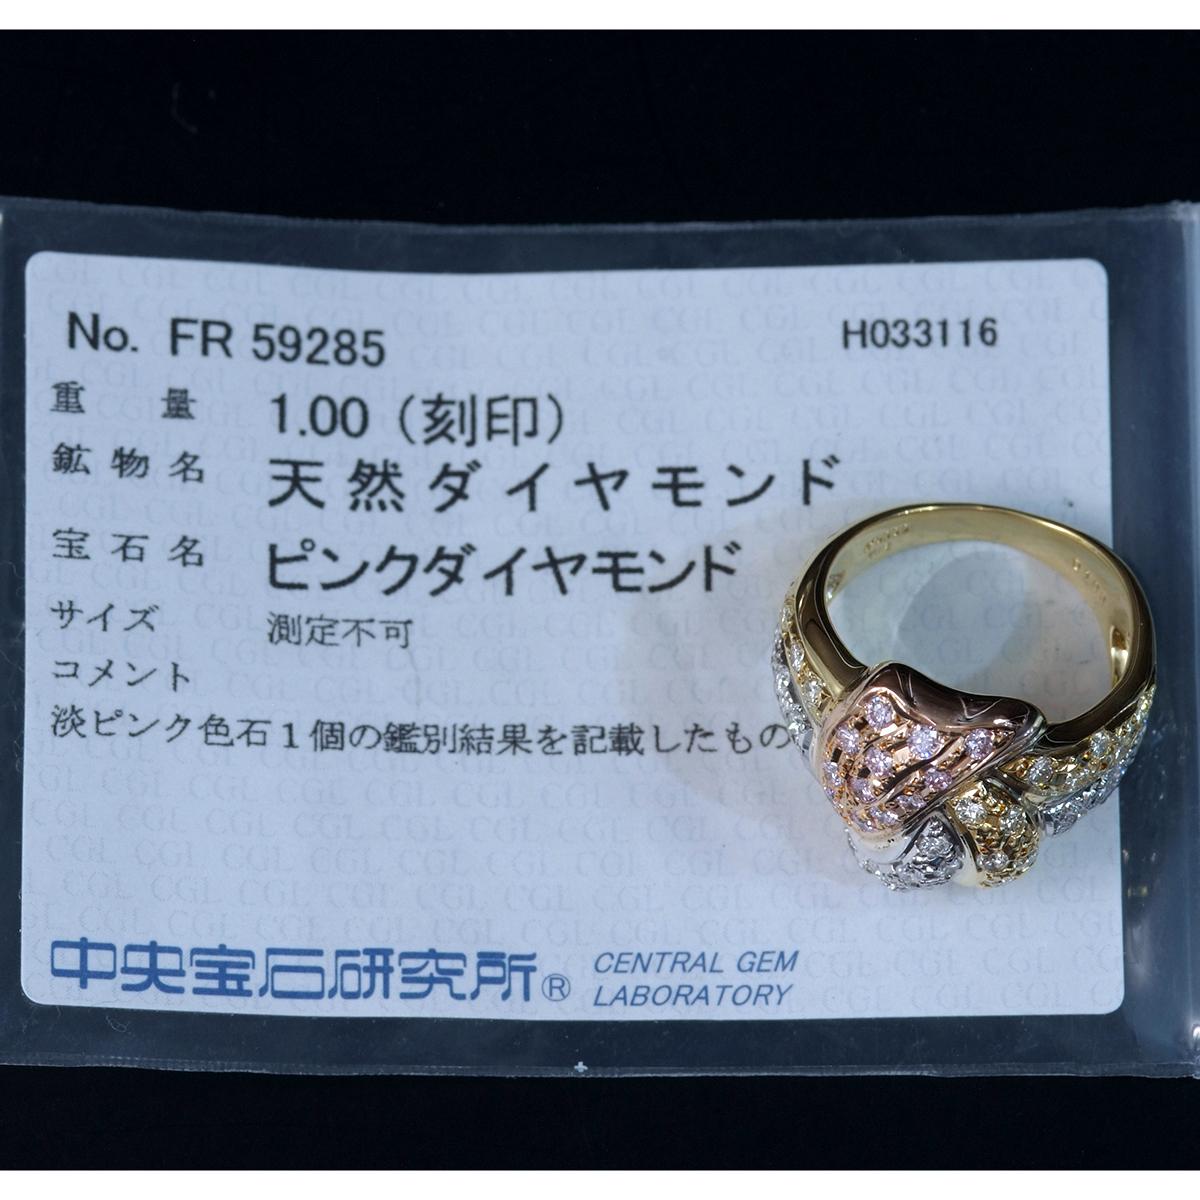 F0169 天然絶品ピンクダイヤモンド、カラーレスダイヤ1.00ct 最高級18金/PG/Pt900無垢リング サイズ12号 重量7.6g 縦幅17.3mm_画像3